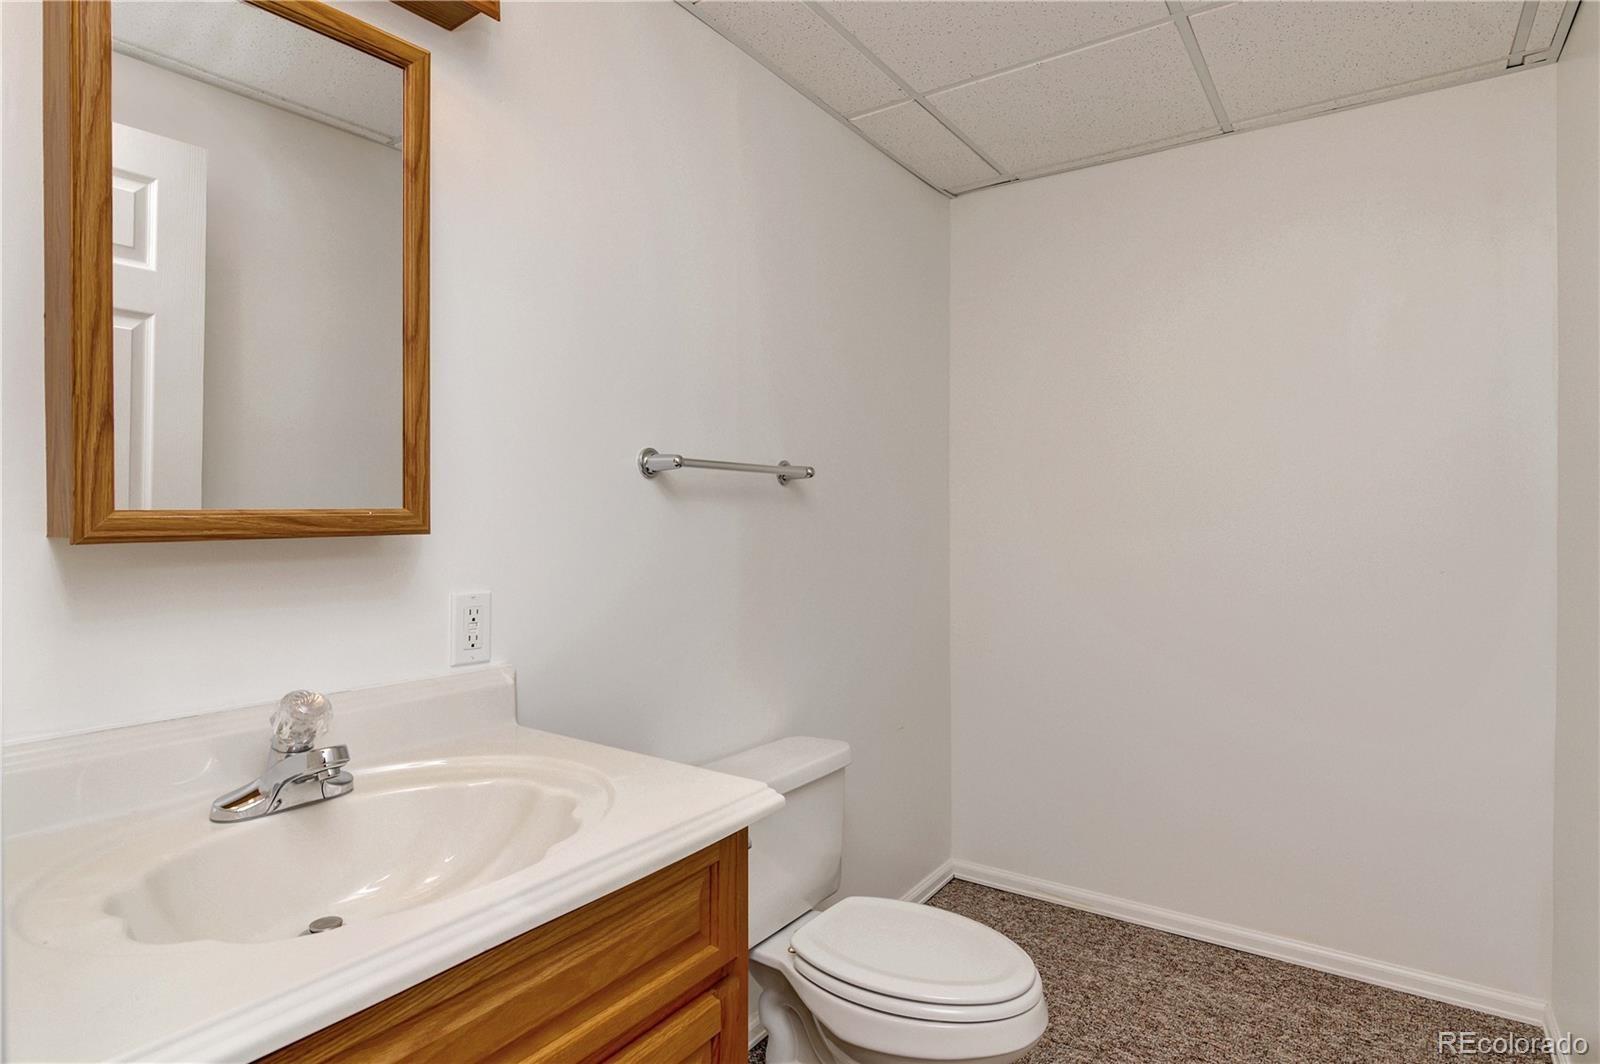 MLS# 5664422 - 28 - 6265 Retreat Point, Colorado Springs, CO 80919